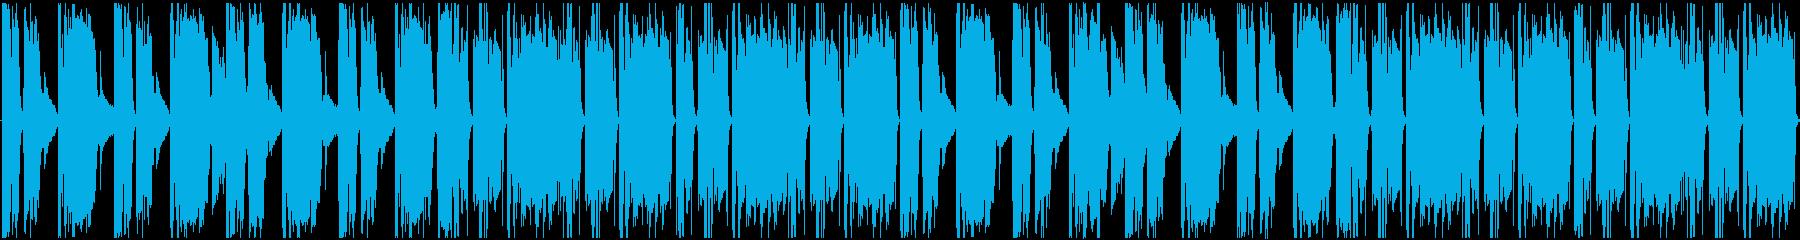 急がされる曲です。27秒の短い曲です。…の再生済みの波形